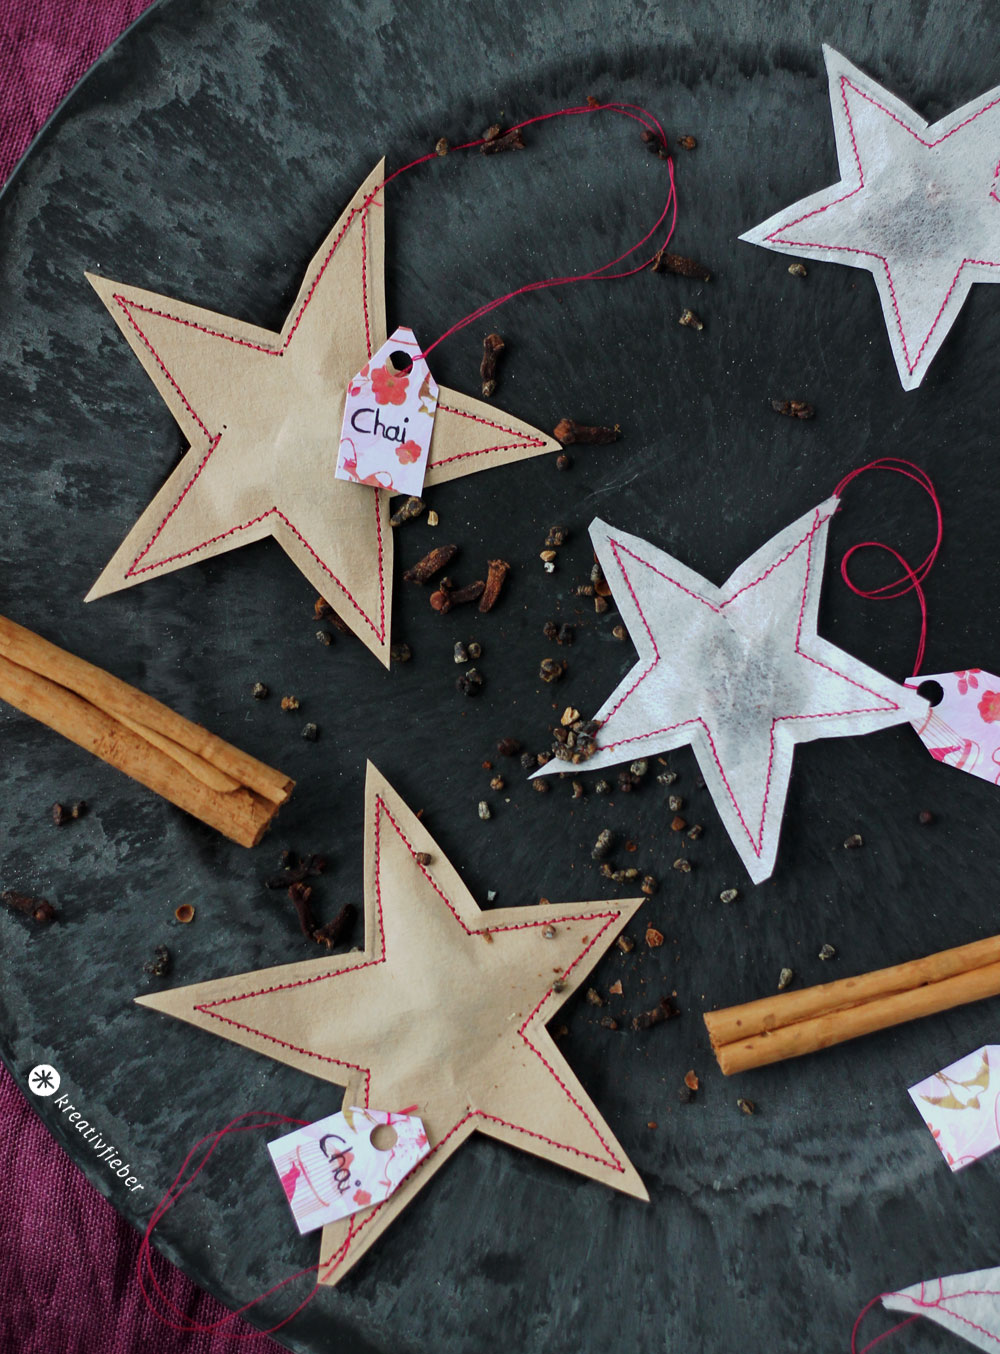 DIY-Geschenke-mit-Chai-und-Geschenkideen-fuer-Foodies-von-Design-3000